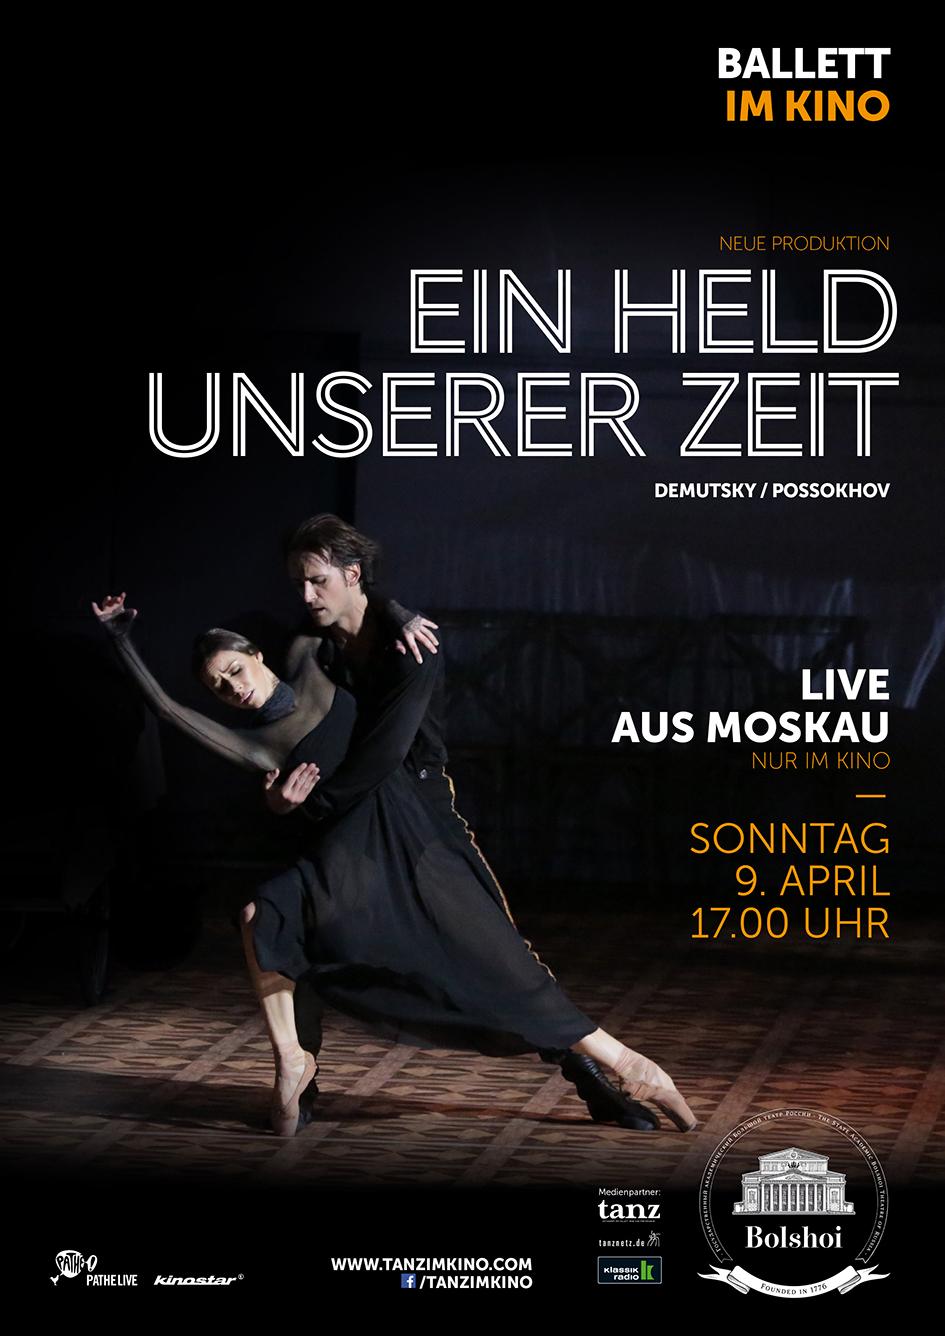 Герои Лермонтова на пуантах: розыгрыш билетов на трансляцию балета Большого театра в Берлине